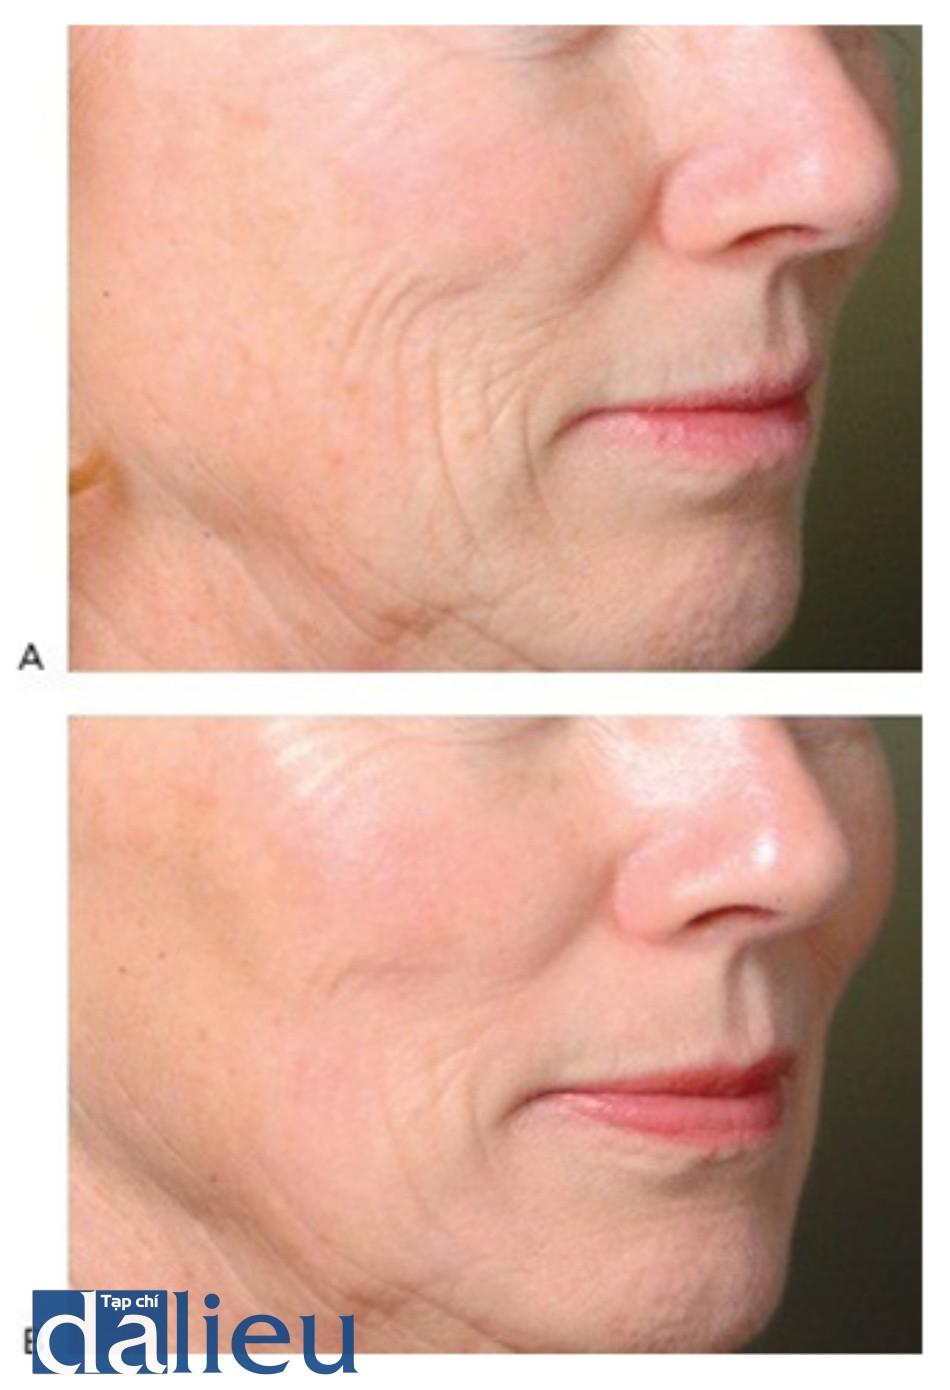 HÌNH 17 Tái tạo bề mặt da phân đoạn xâm lấn để điều trị nếp nhăn vùng mặt trước khi (A) và sau khi (B) một lần điều trị sử dụng erbium laser. (với sự cho phép của BS K. Remington và Sciton.)